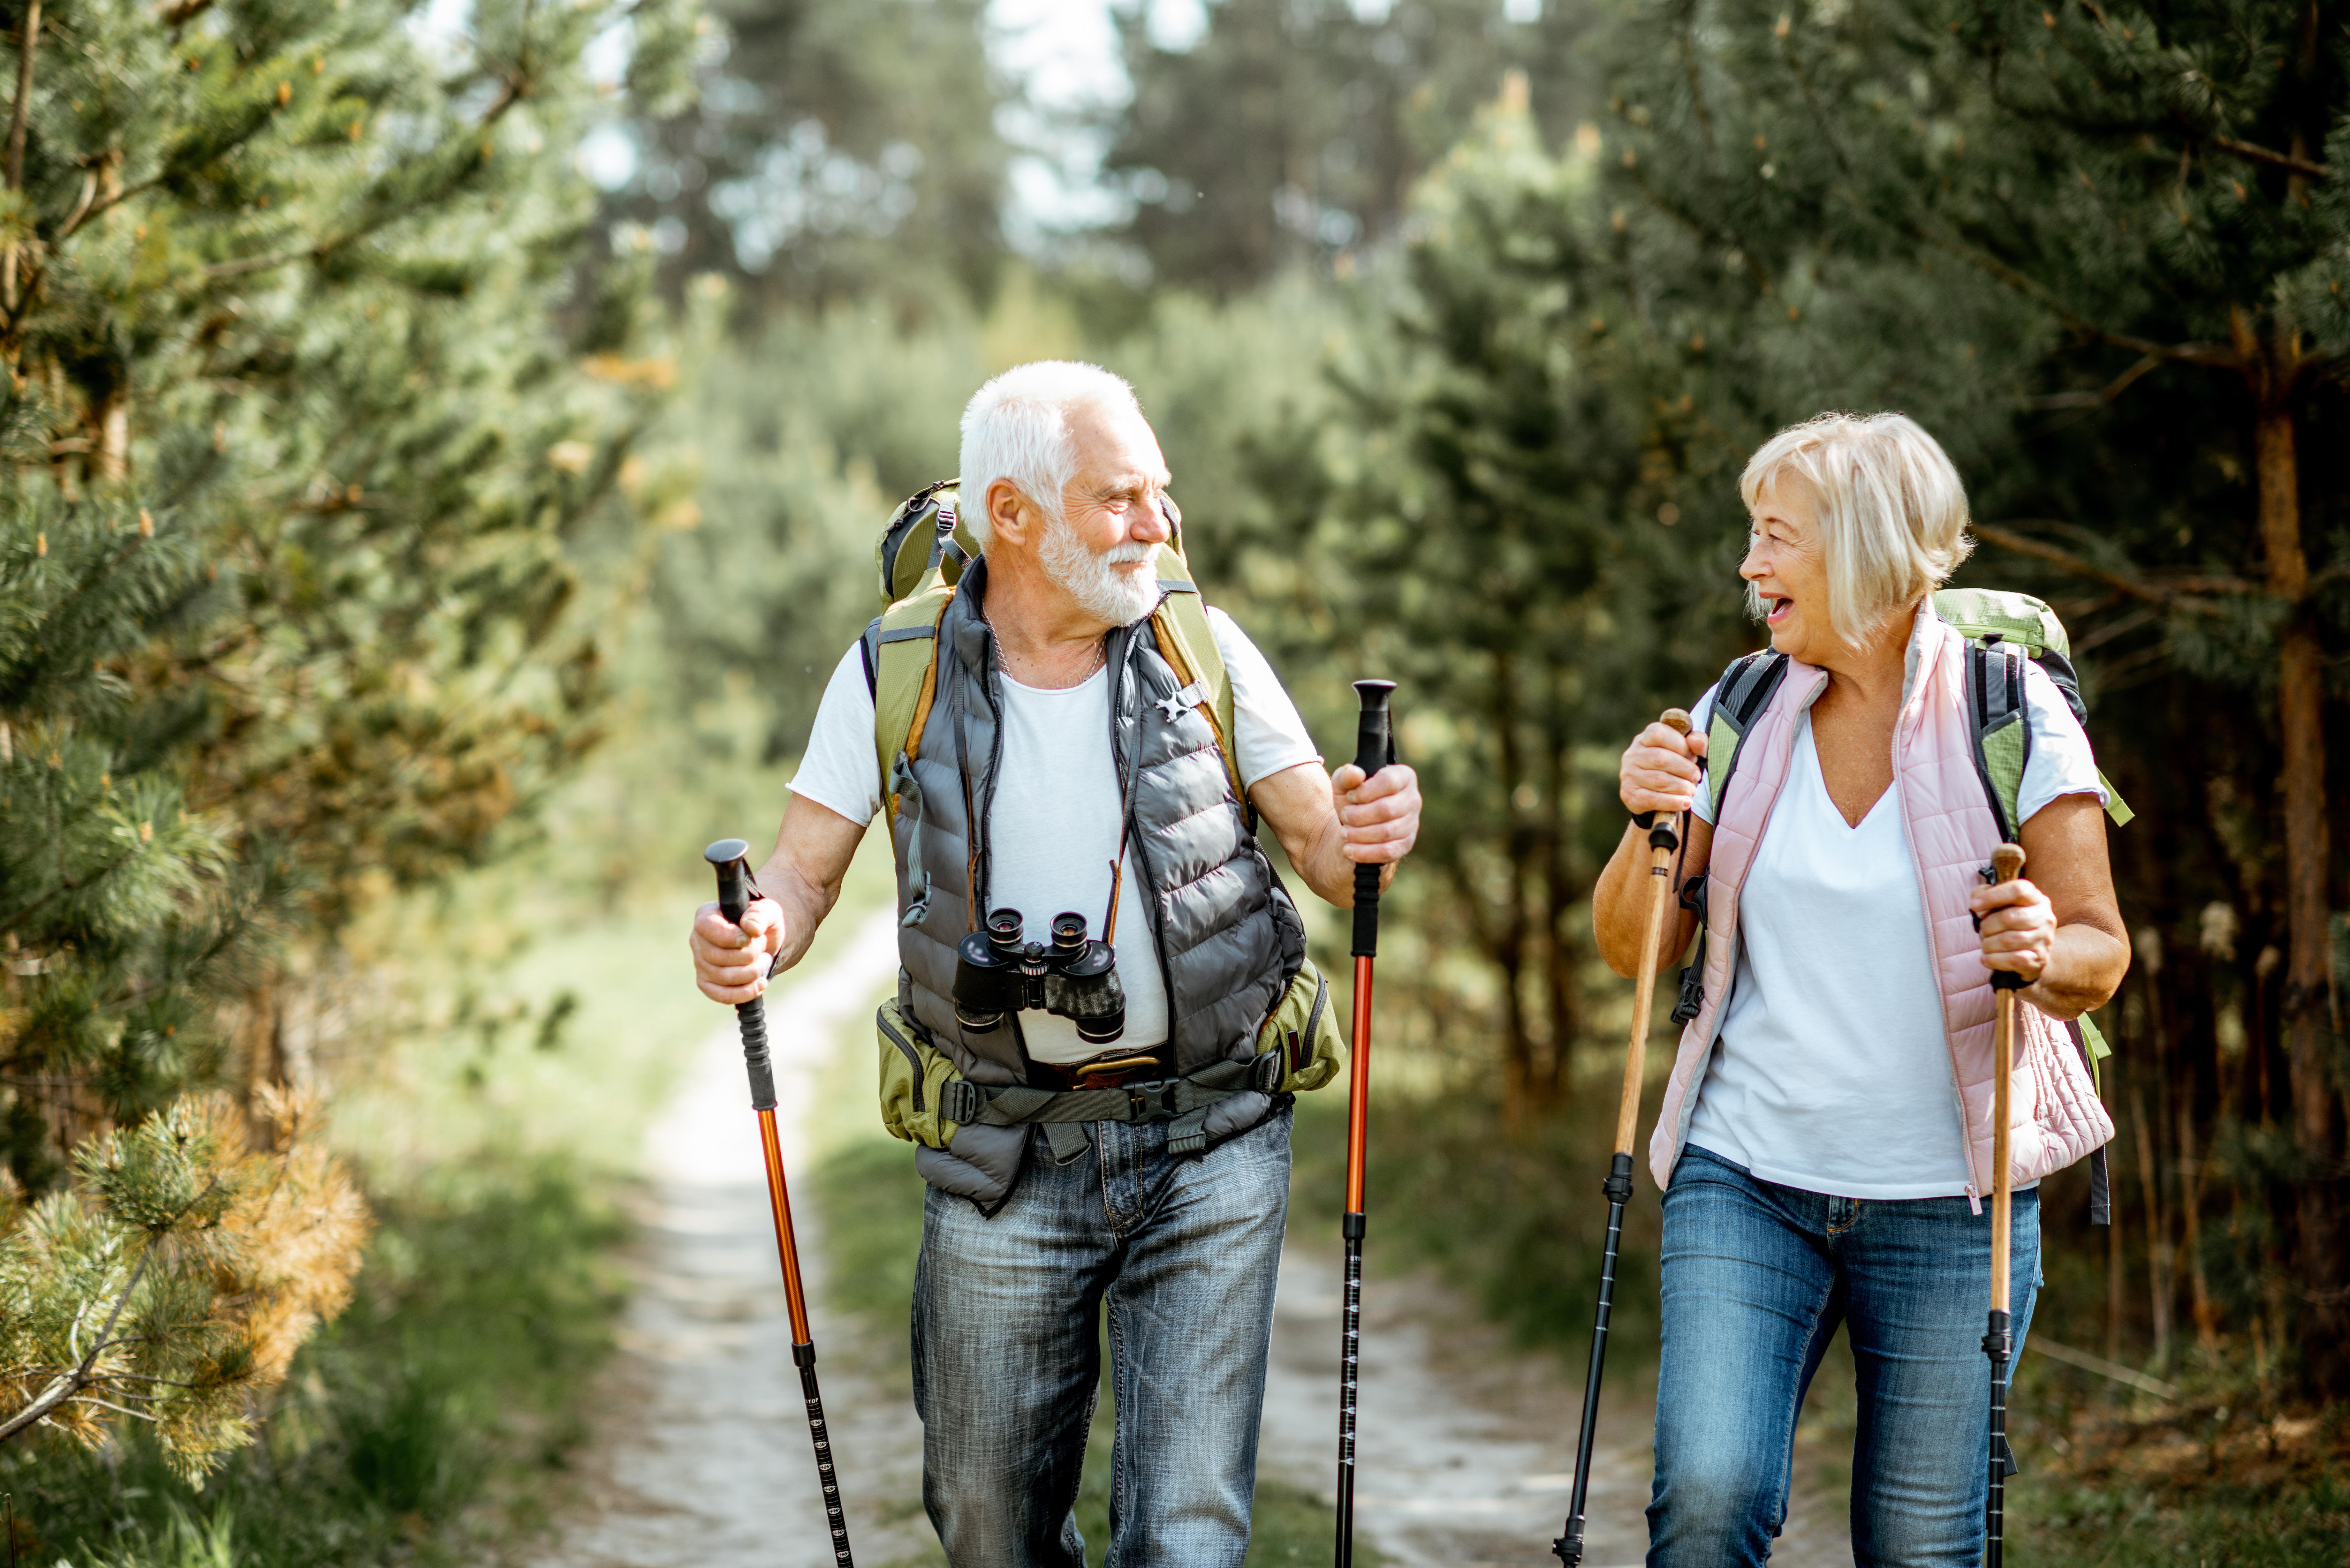 Vitamin D und K sorgen für mehr Vitalität im Alter: Älteres Paar beim Wandern in der Natur